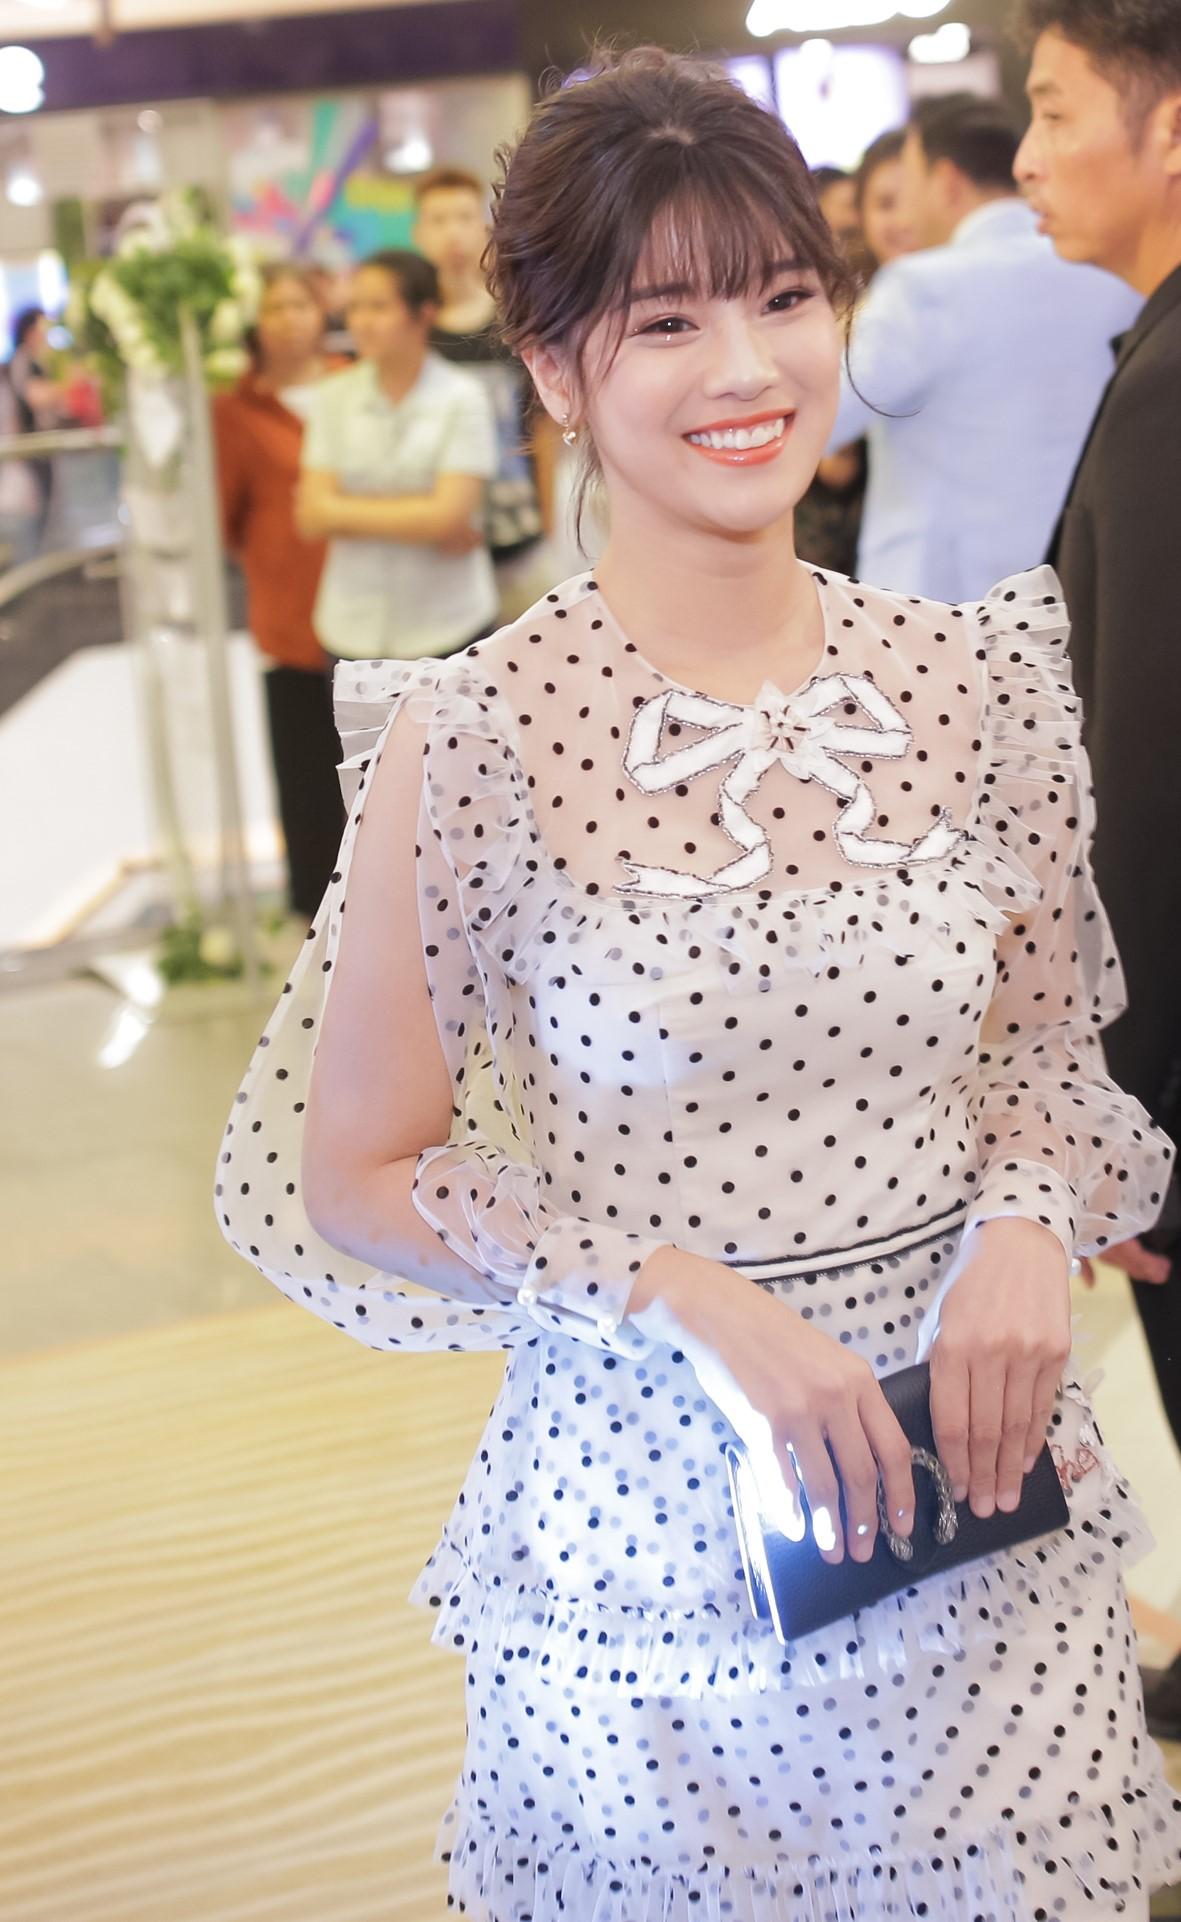 Dàn sao Việt đổ bộ đến buổi ra mắt phim mới của đạo diễn Đức Thịnh - 9